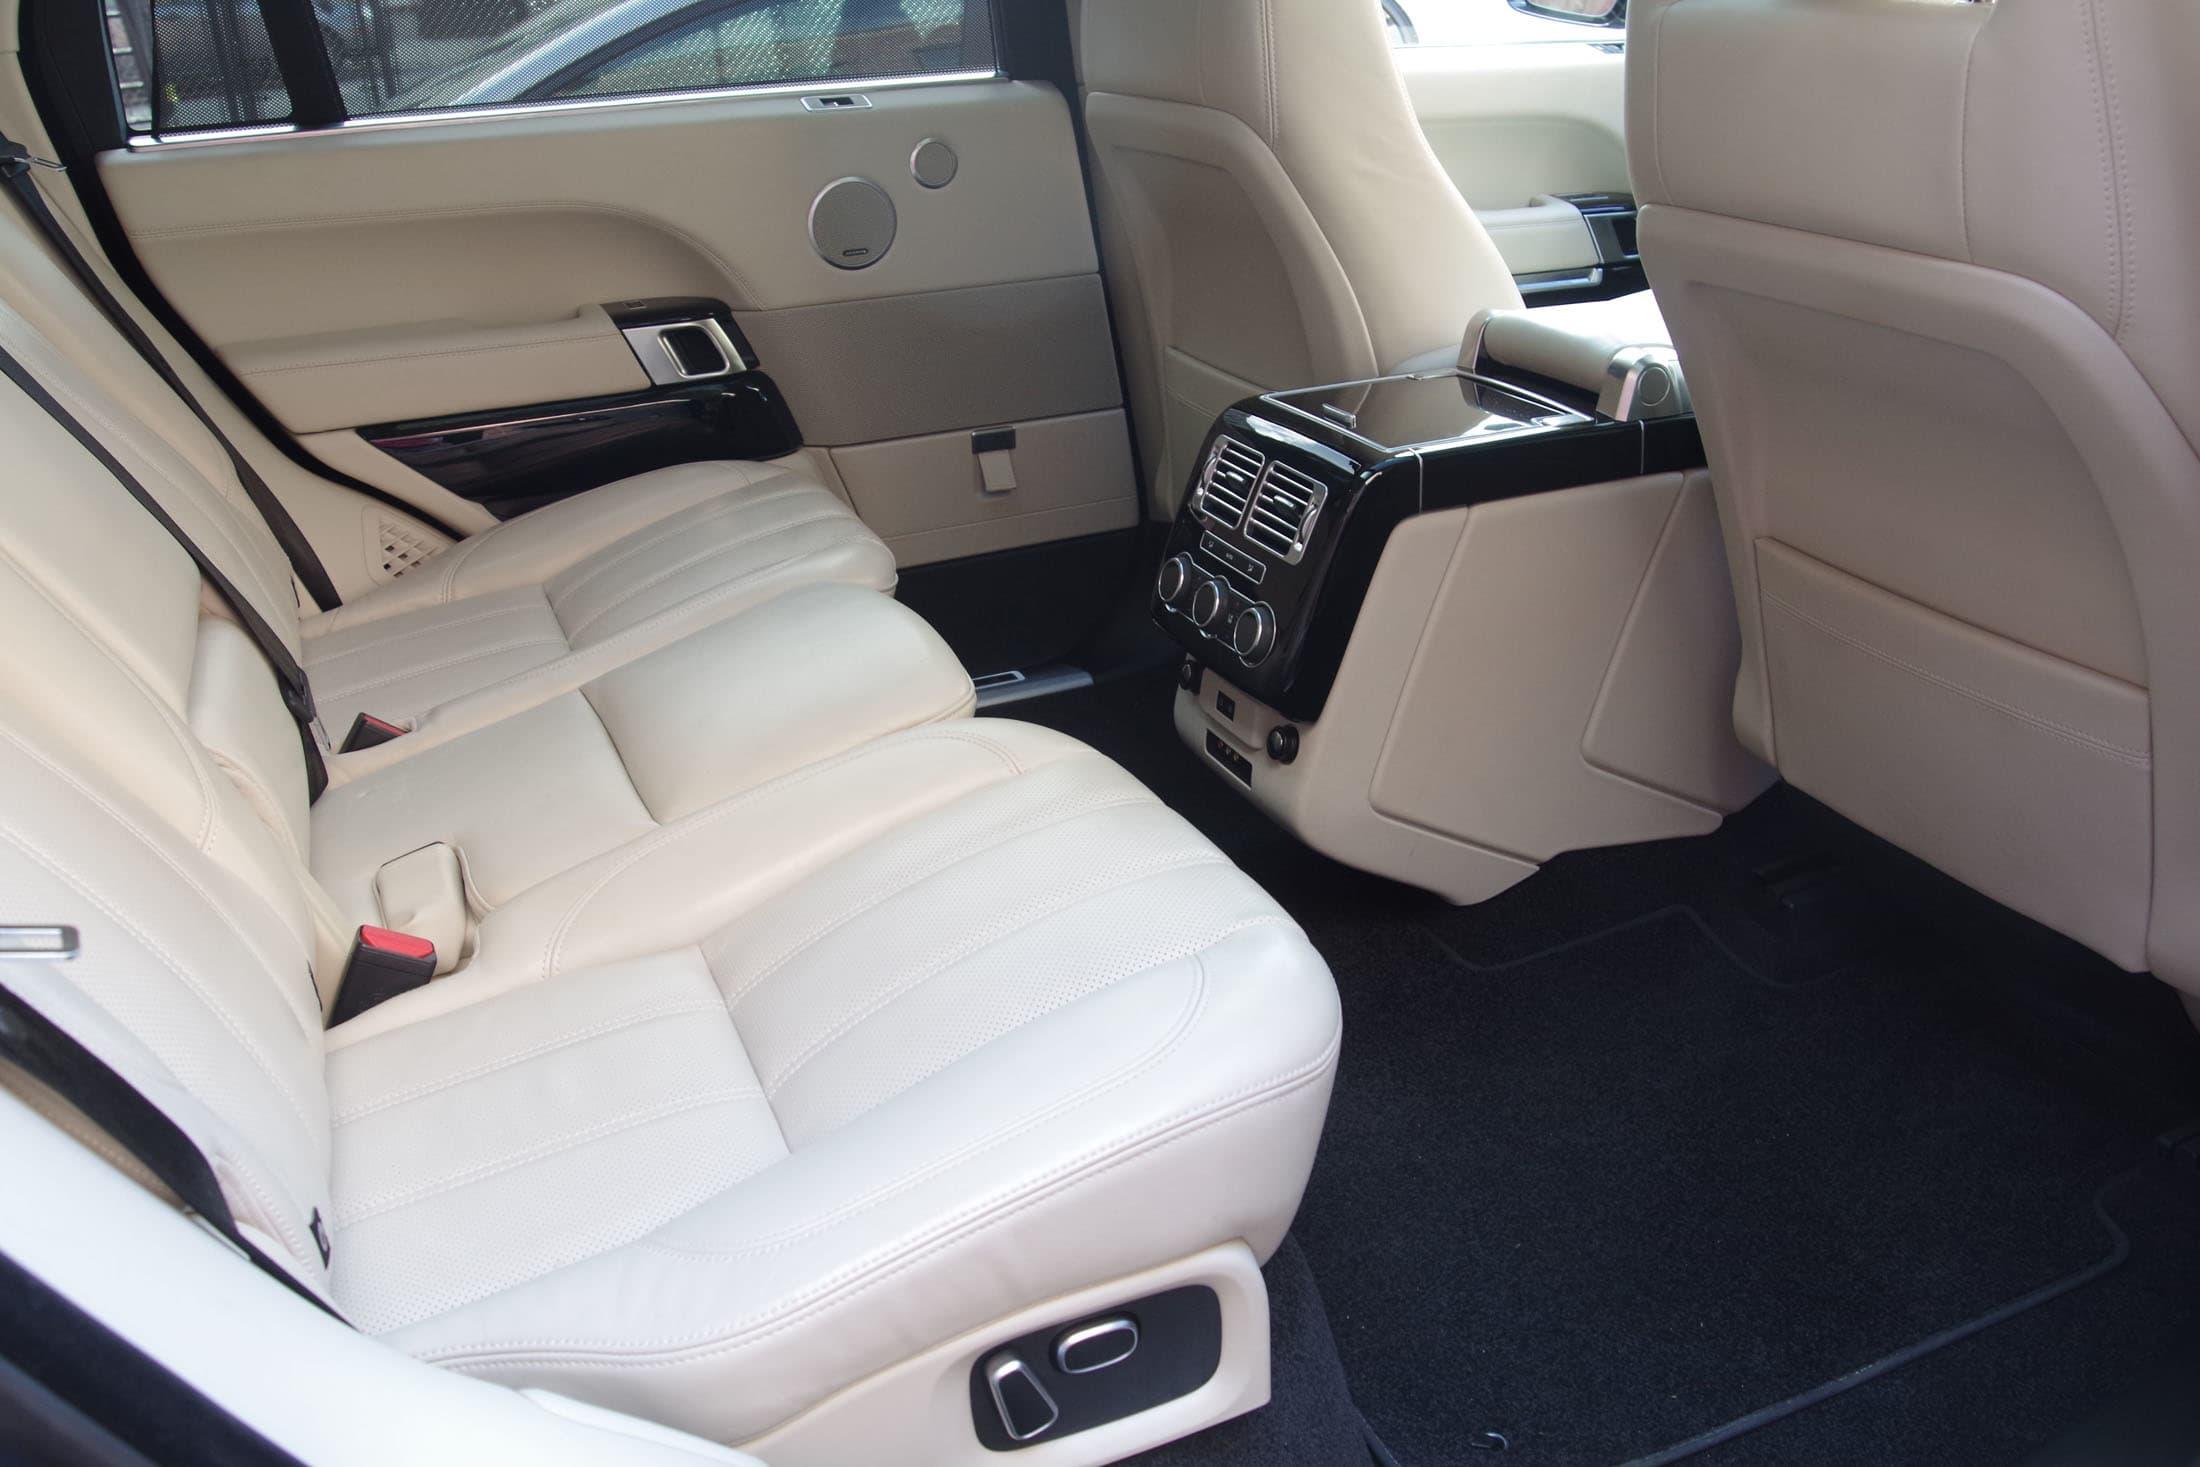 rear seat view